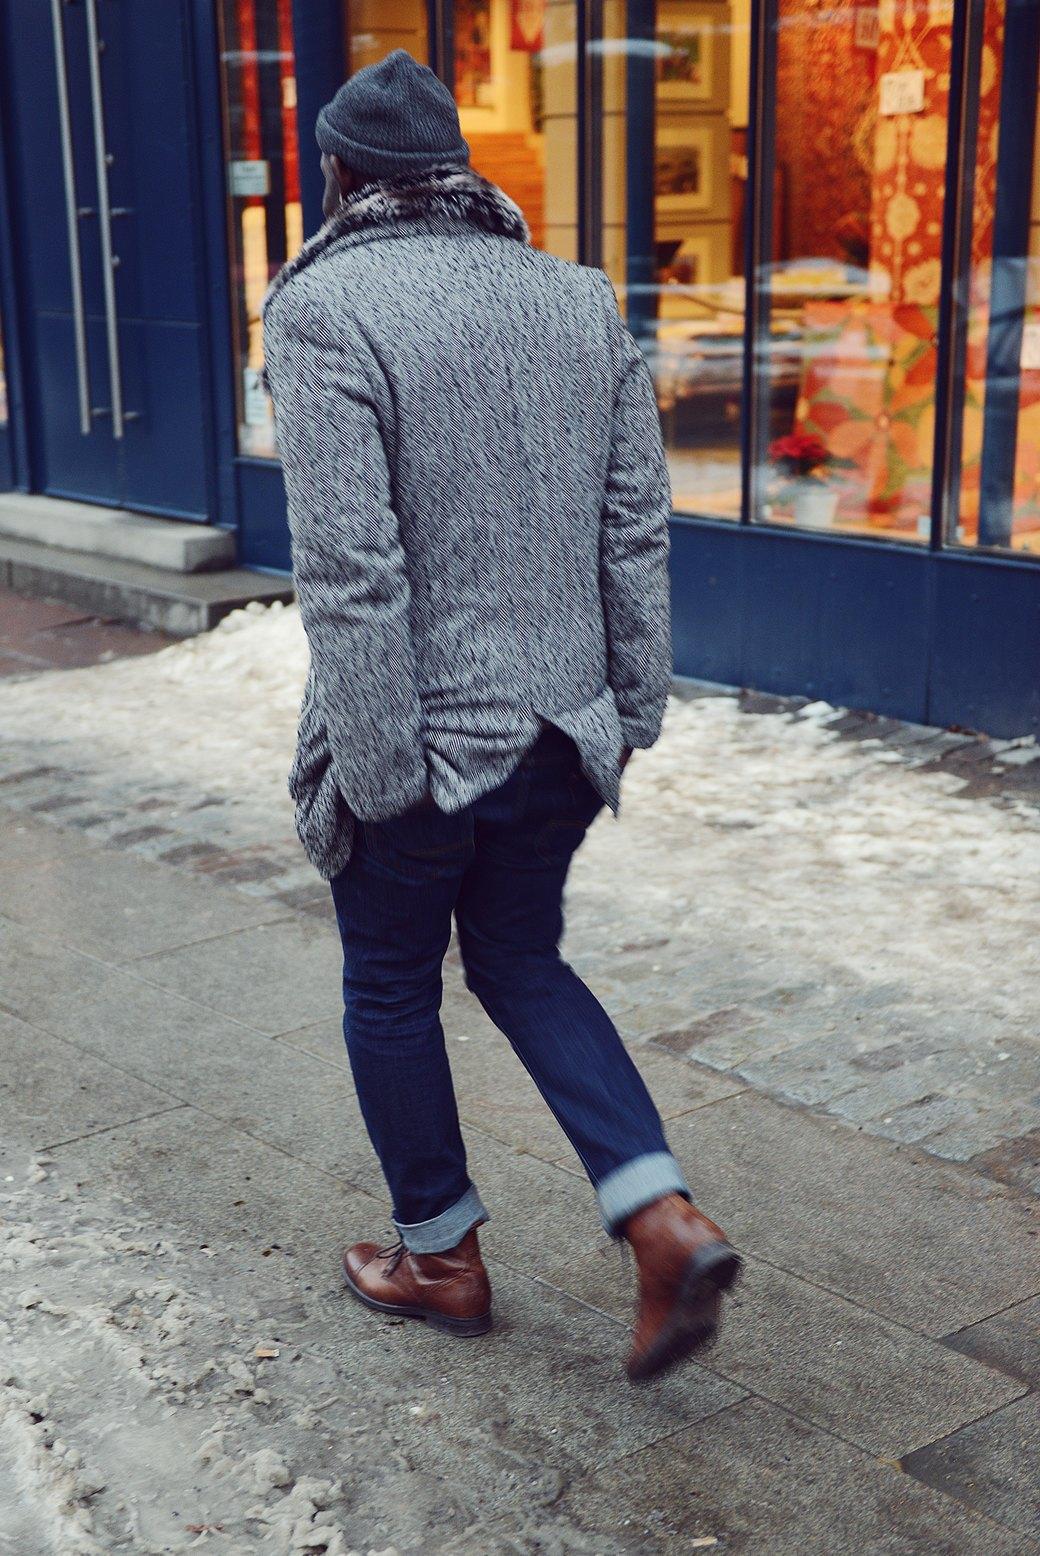 Шубы и горох на Stockholm Fashion Week. Изображение № 13.